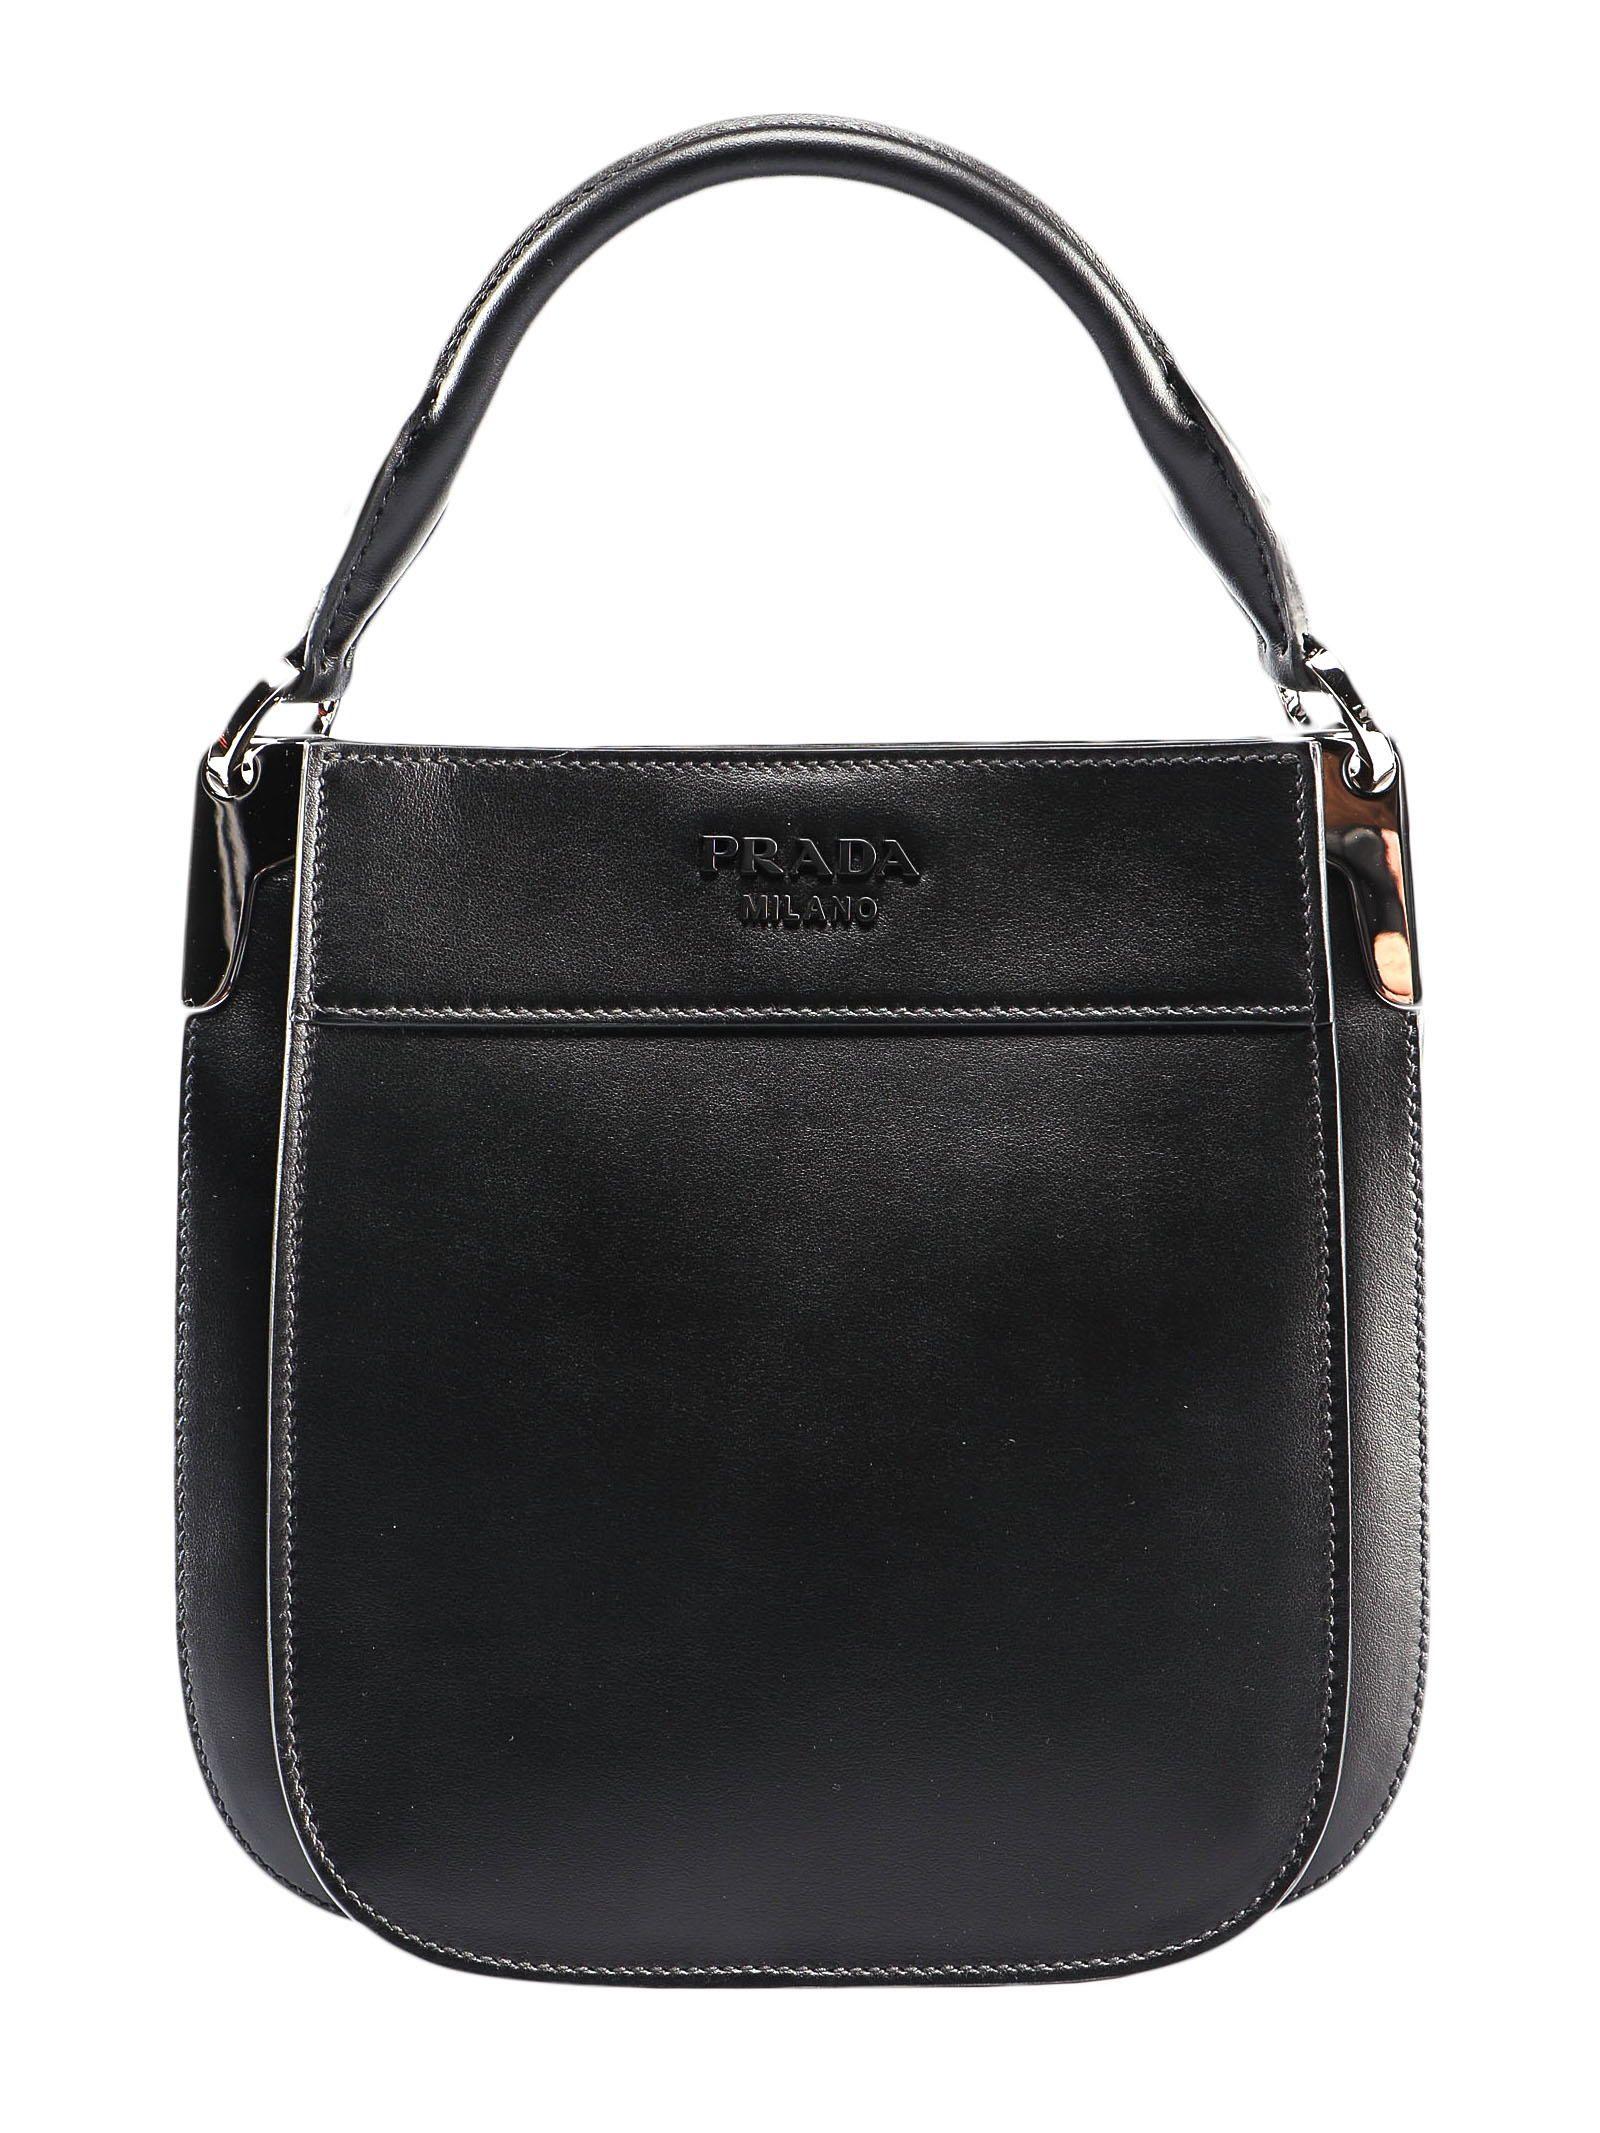 142cd5605ed3 Prada Prada Margit Sm Bag - Cerise+nero - 10960845 | italist